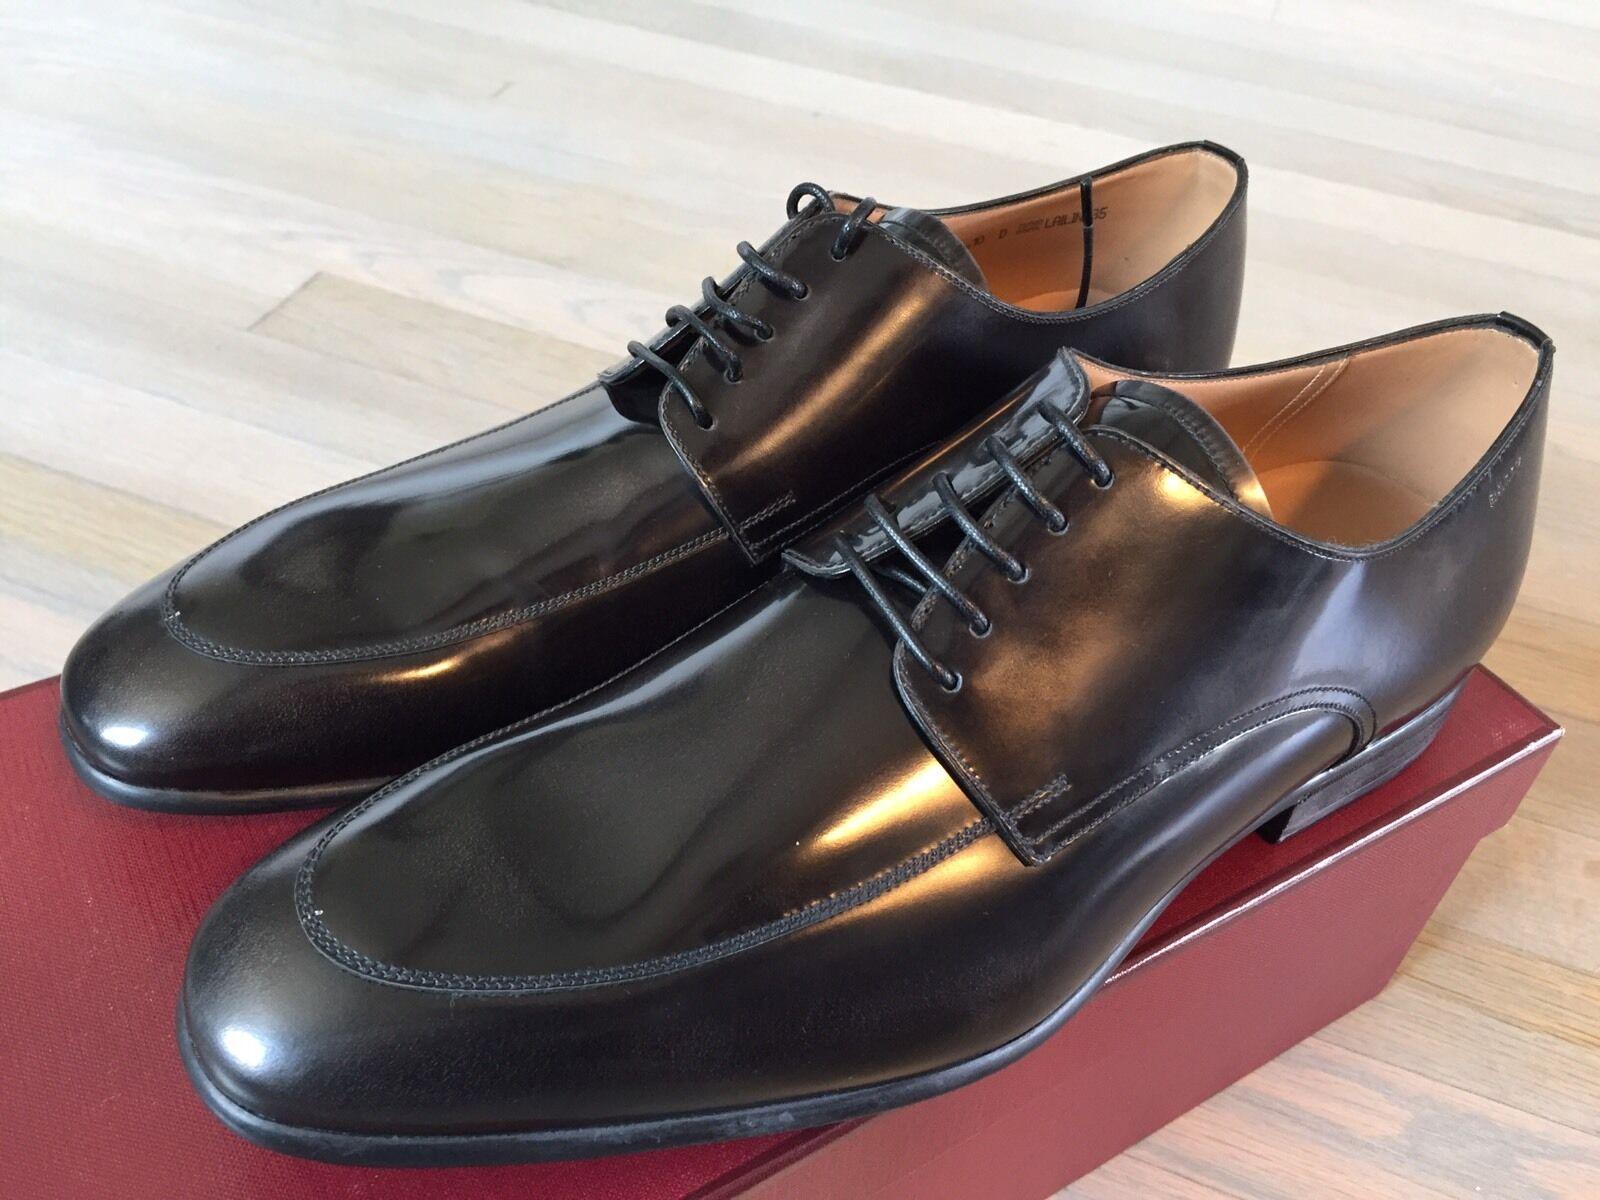 Cordones Negro 650  Bally Lailin zapatos de EE. UU. hecho En Suiza